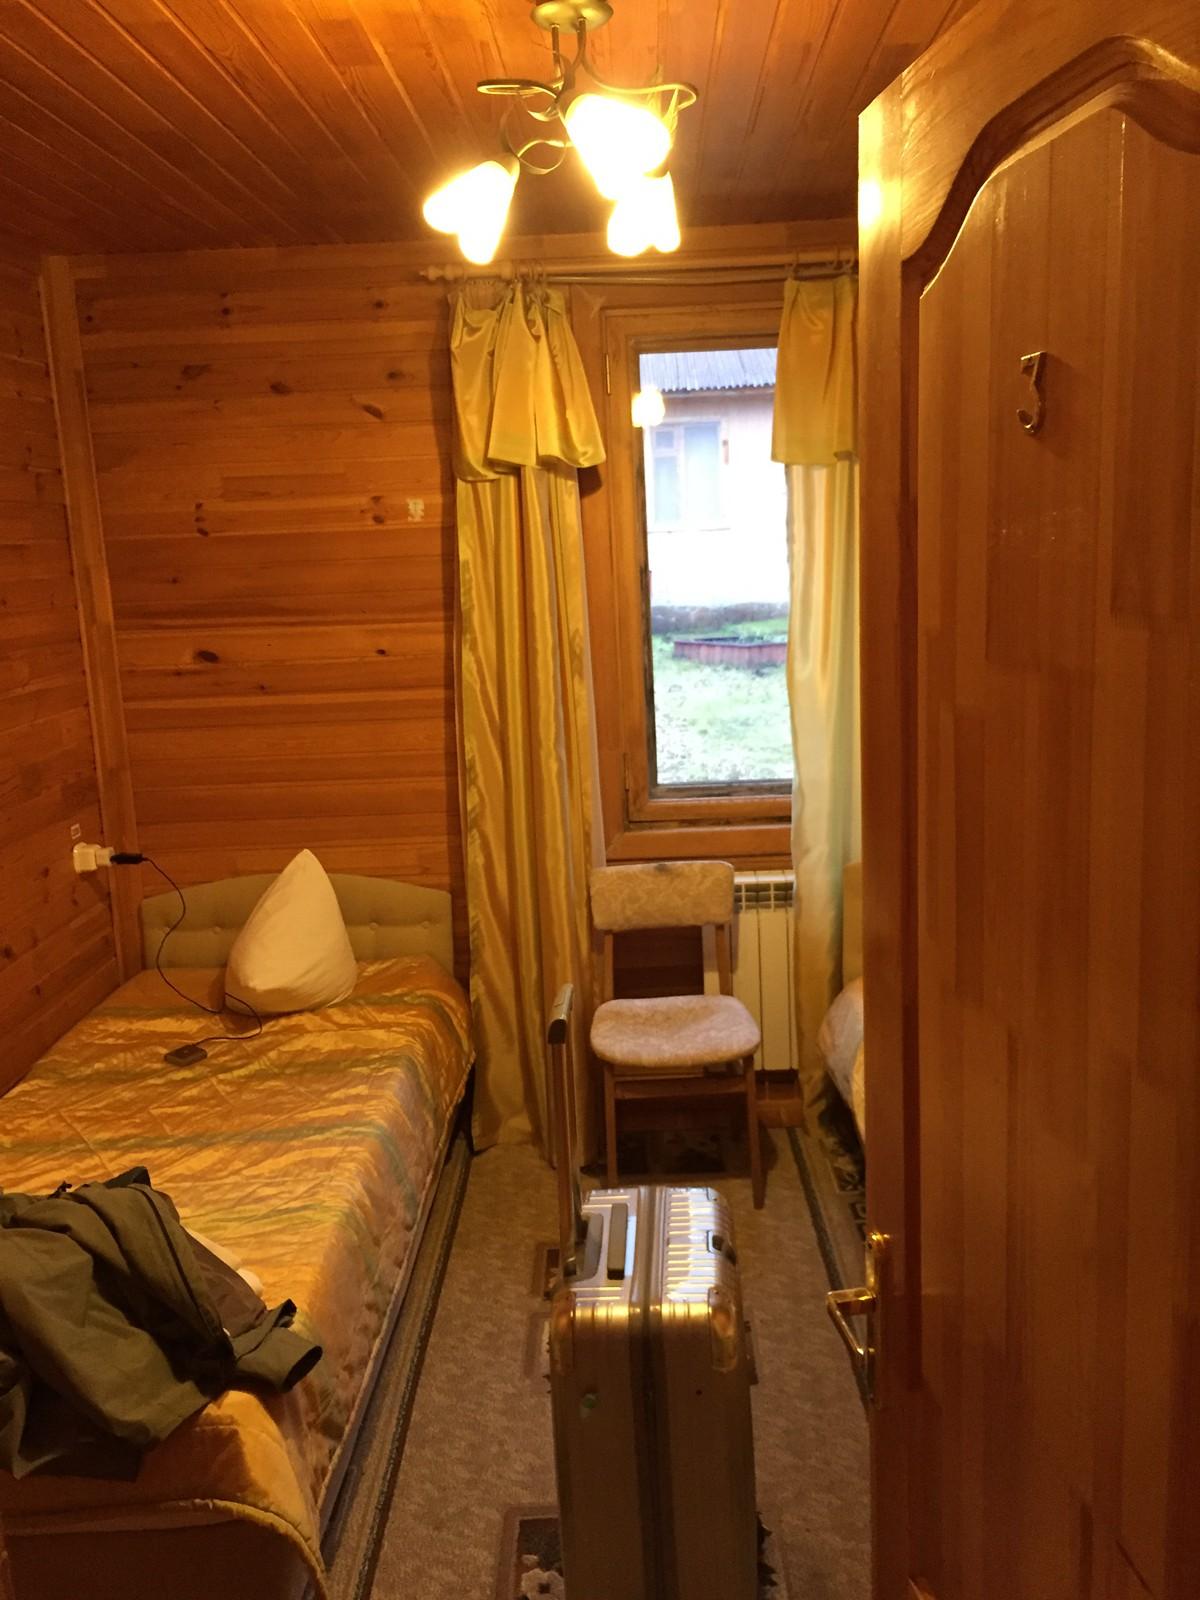 这是我们的房间,虽然比较小但是暖气、热水、淋浴都有